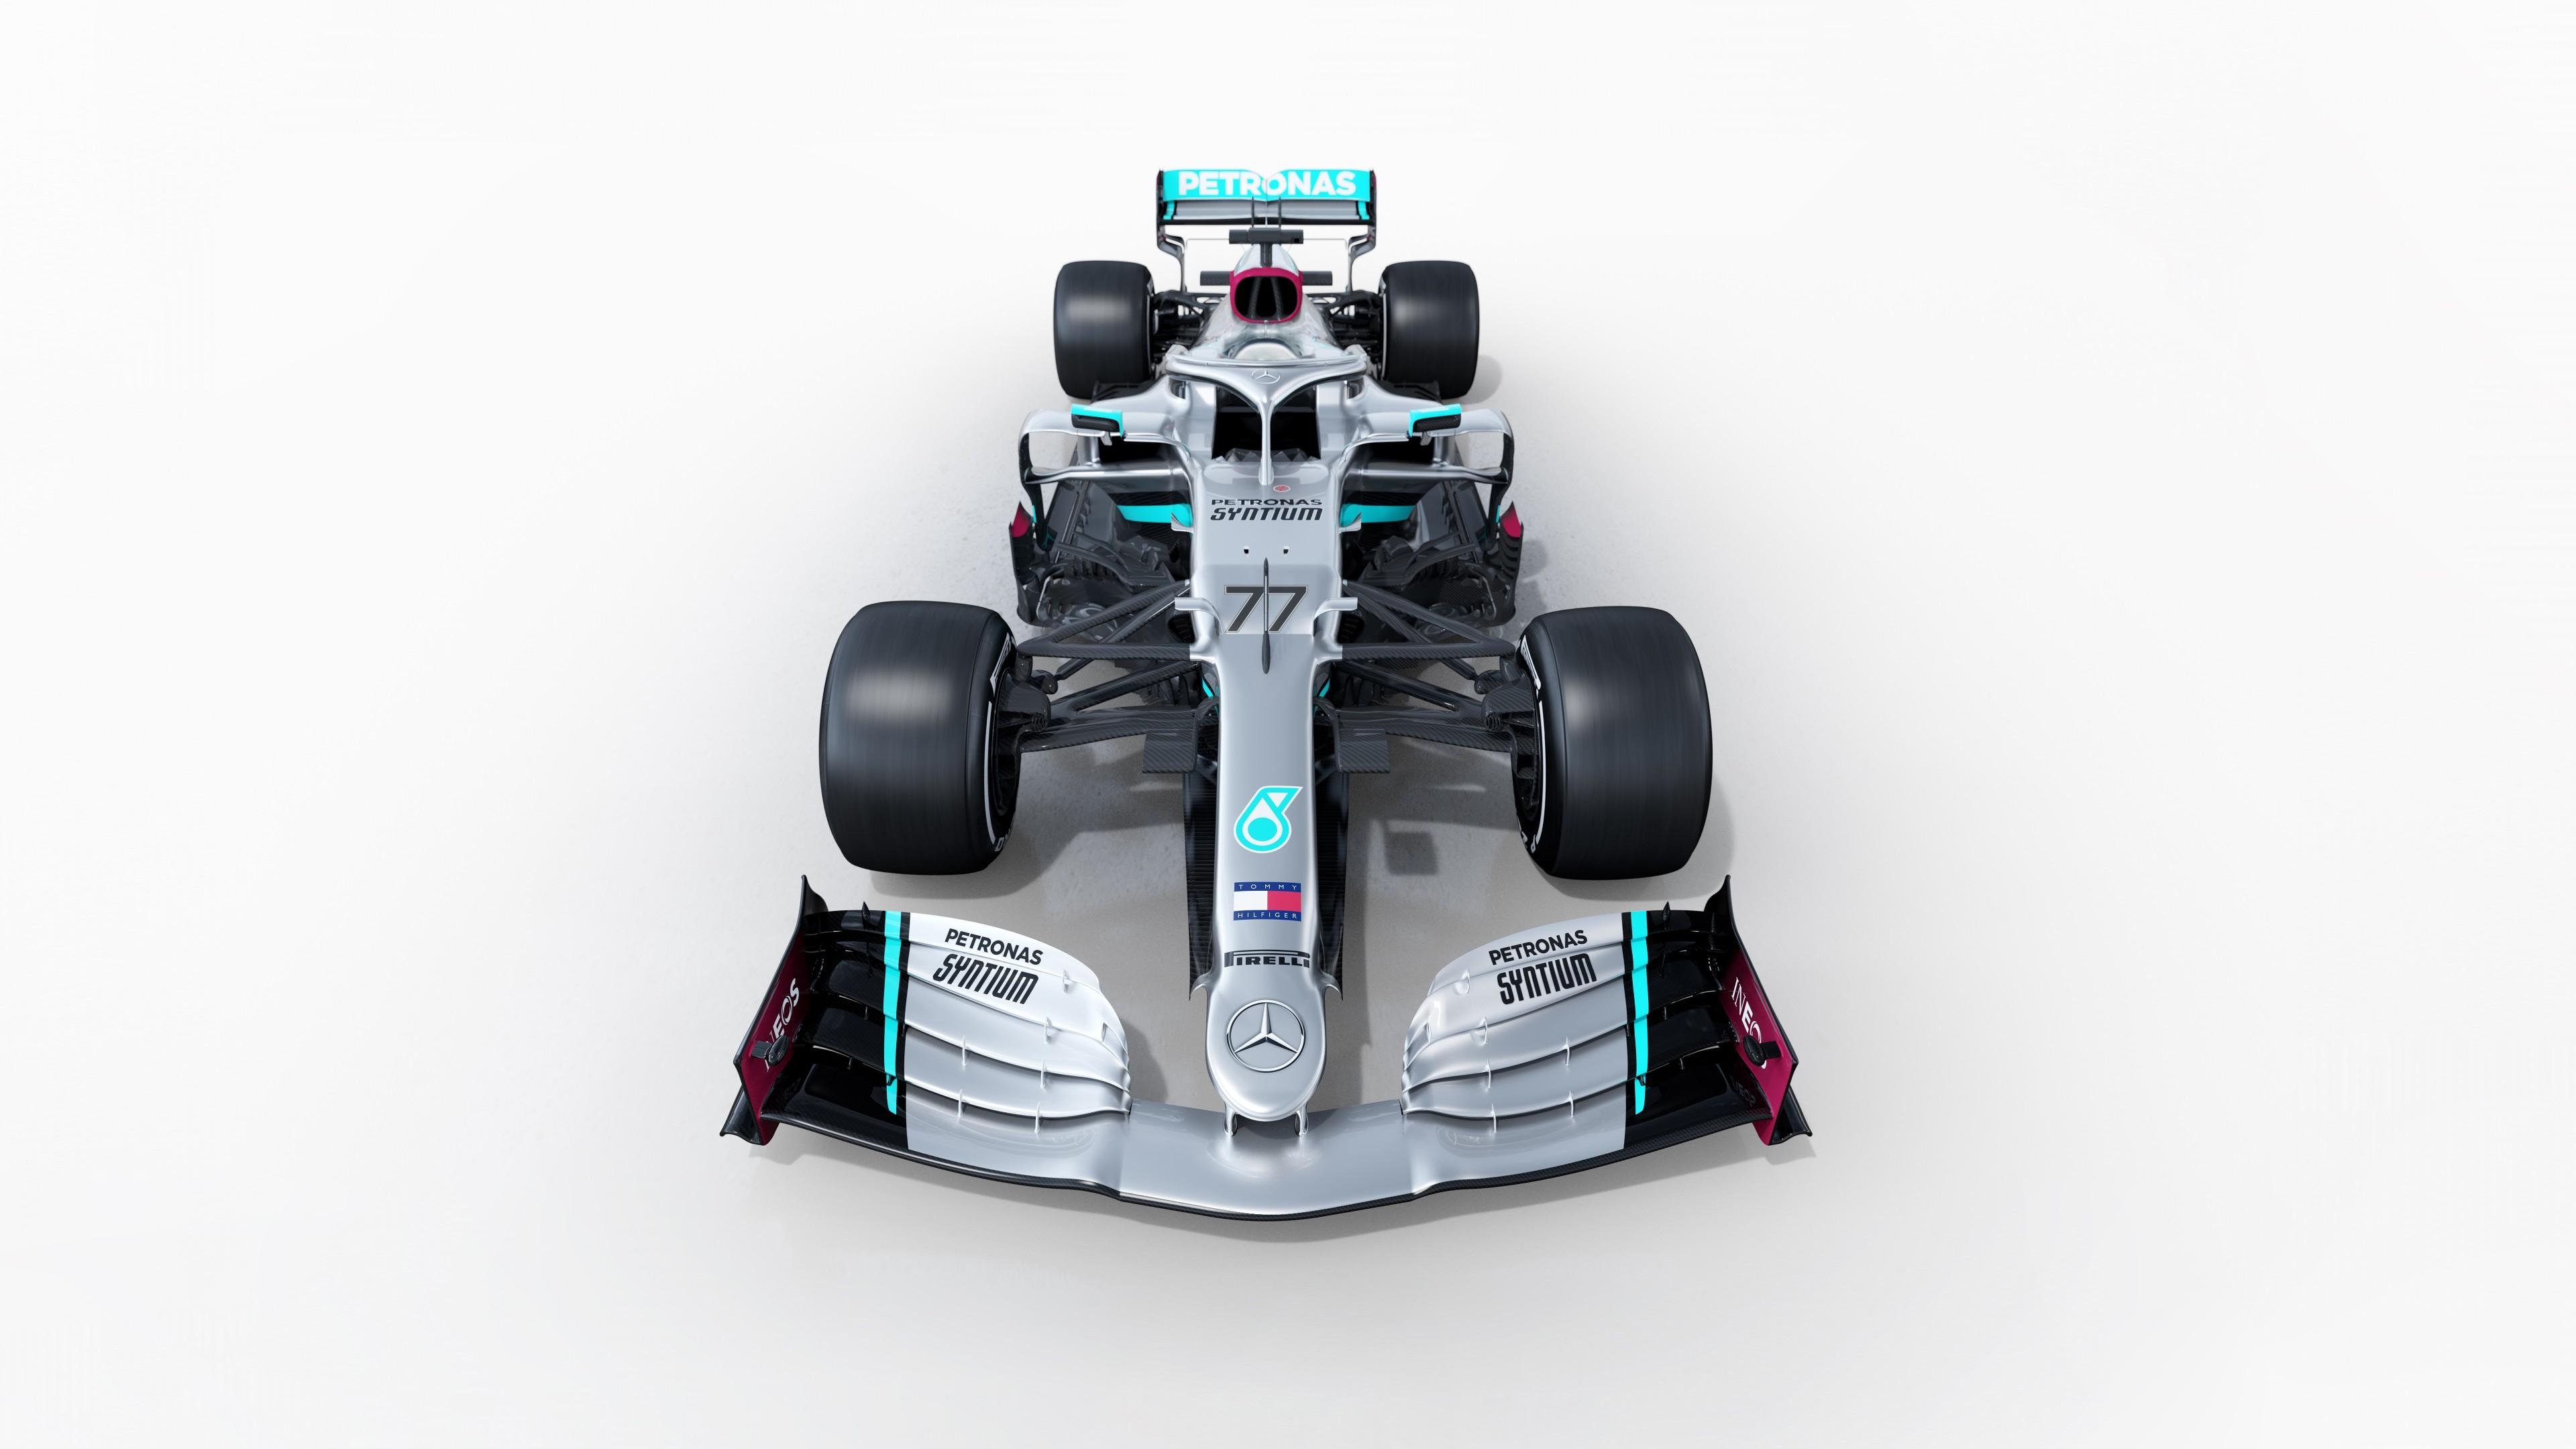 Mercedes Amg F1 W11 Eq Performance 2020 4k 8k Wallpaper Hd Car Wallpapers Id 14397